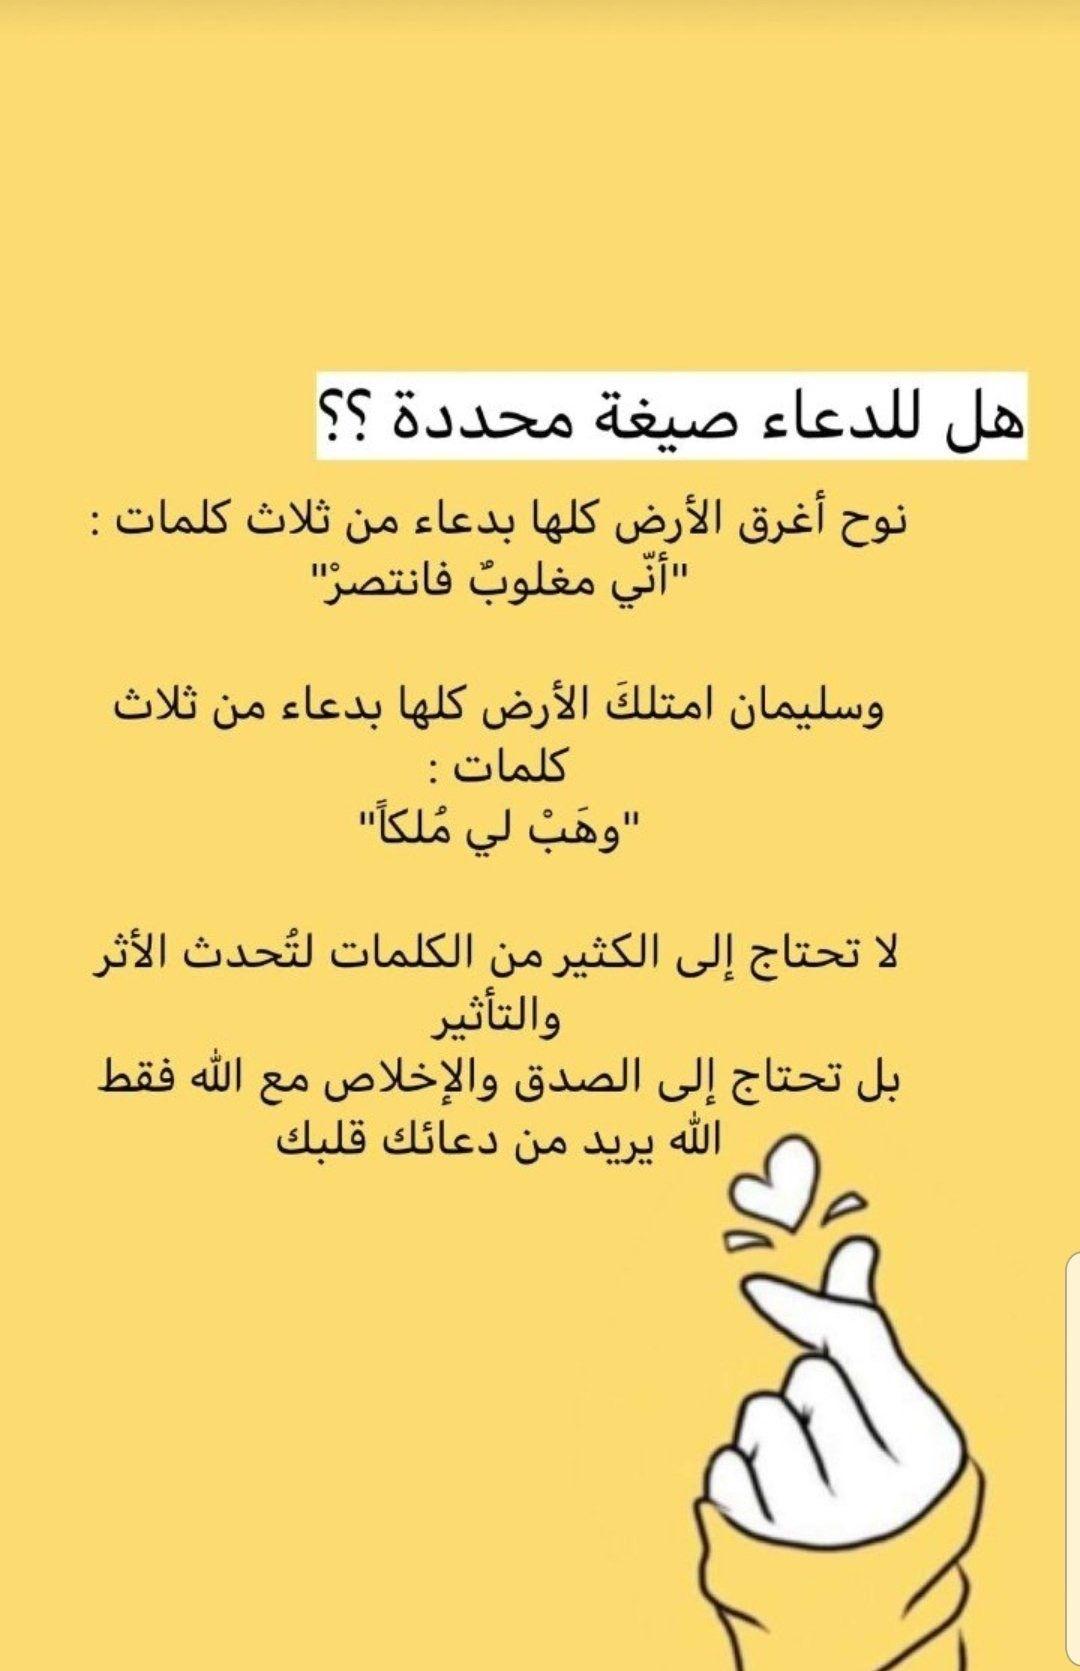 Pin By Arwa Al Tal On دعاء Beautiful Arabic Words Words Arabic Words